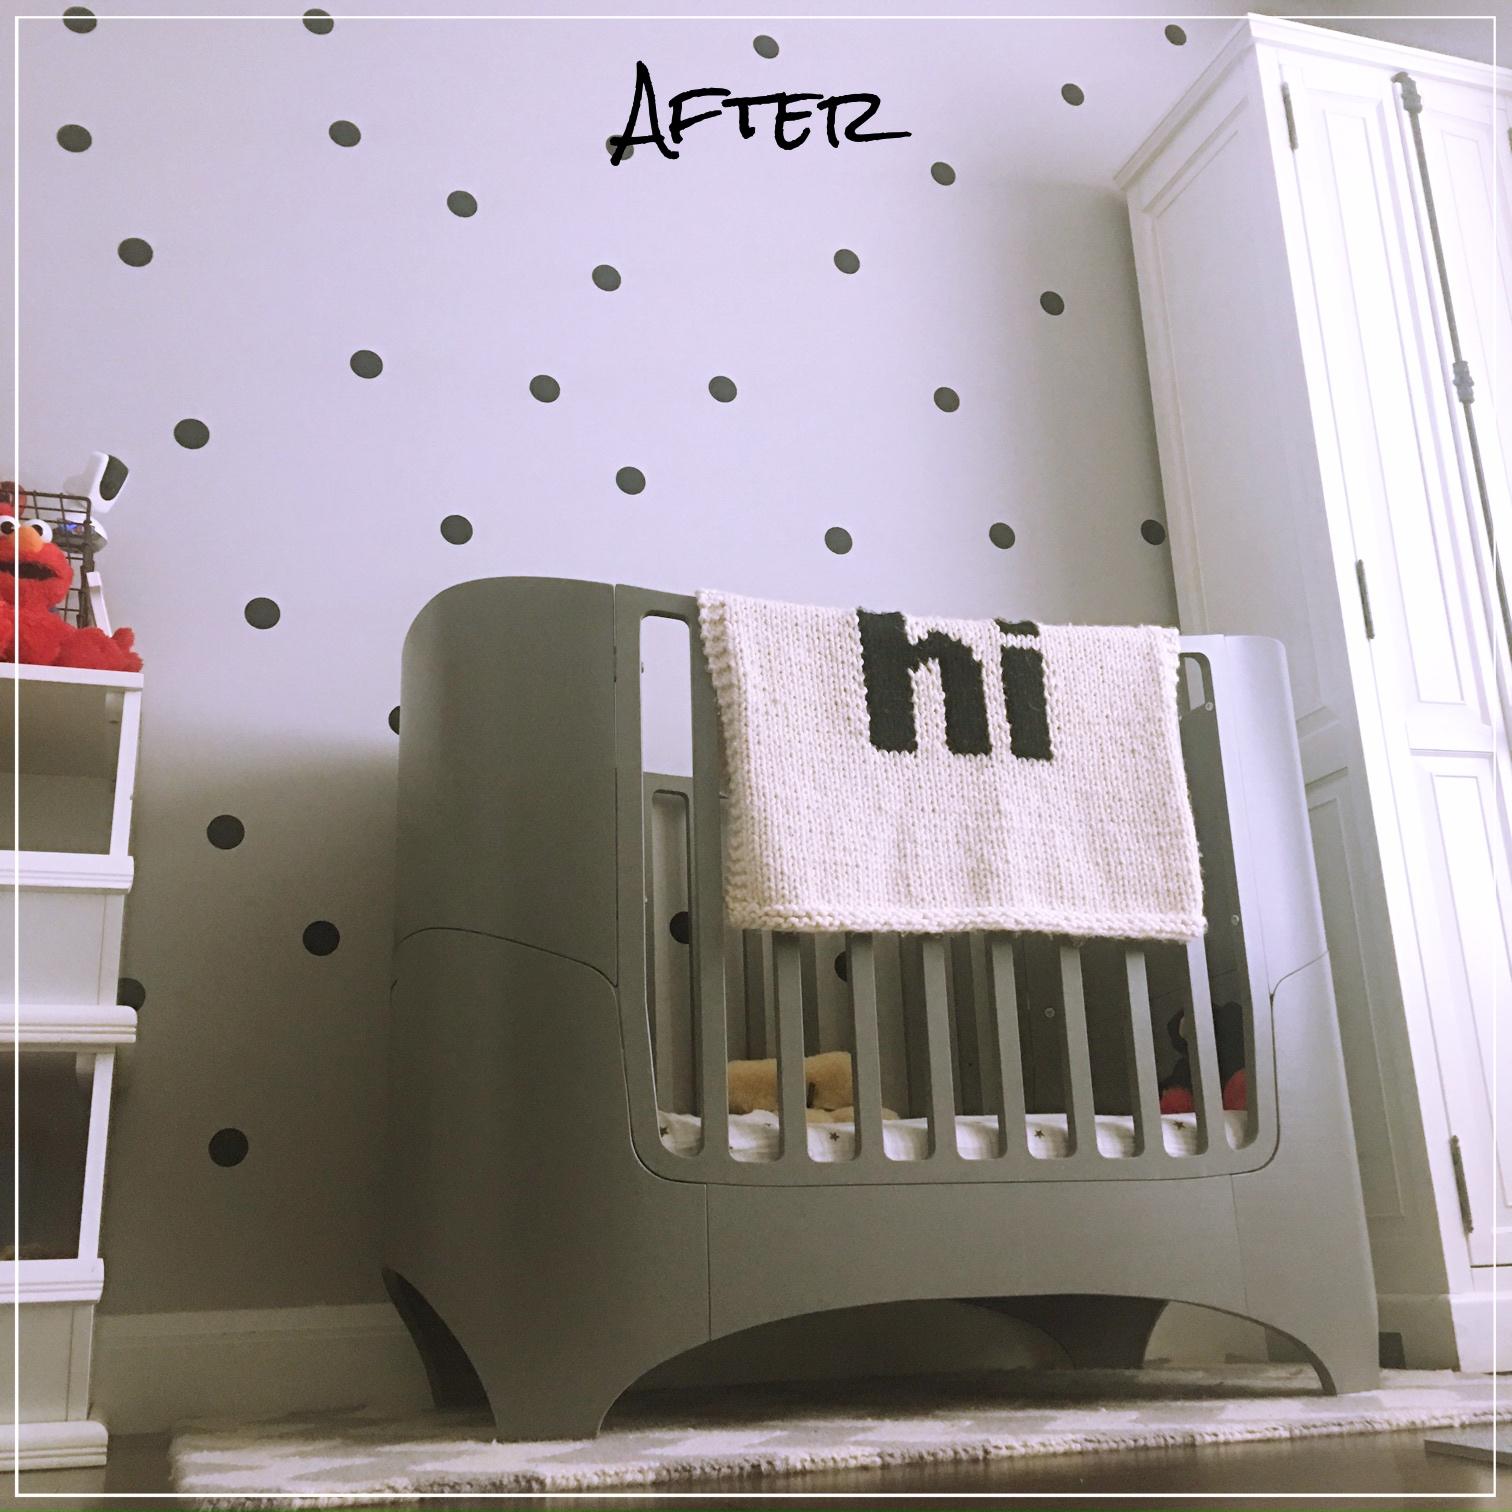 Crib  Leander , Hi Blanket , Tall Hutch  Restoration Hardware , Chevron Rug , Storage Bins, Sheets  Aden & Anais ,  Decals